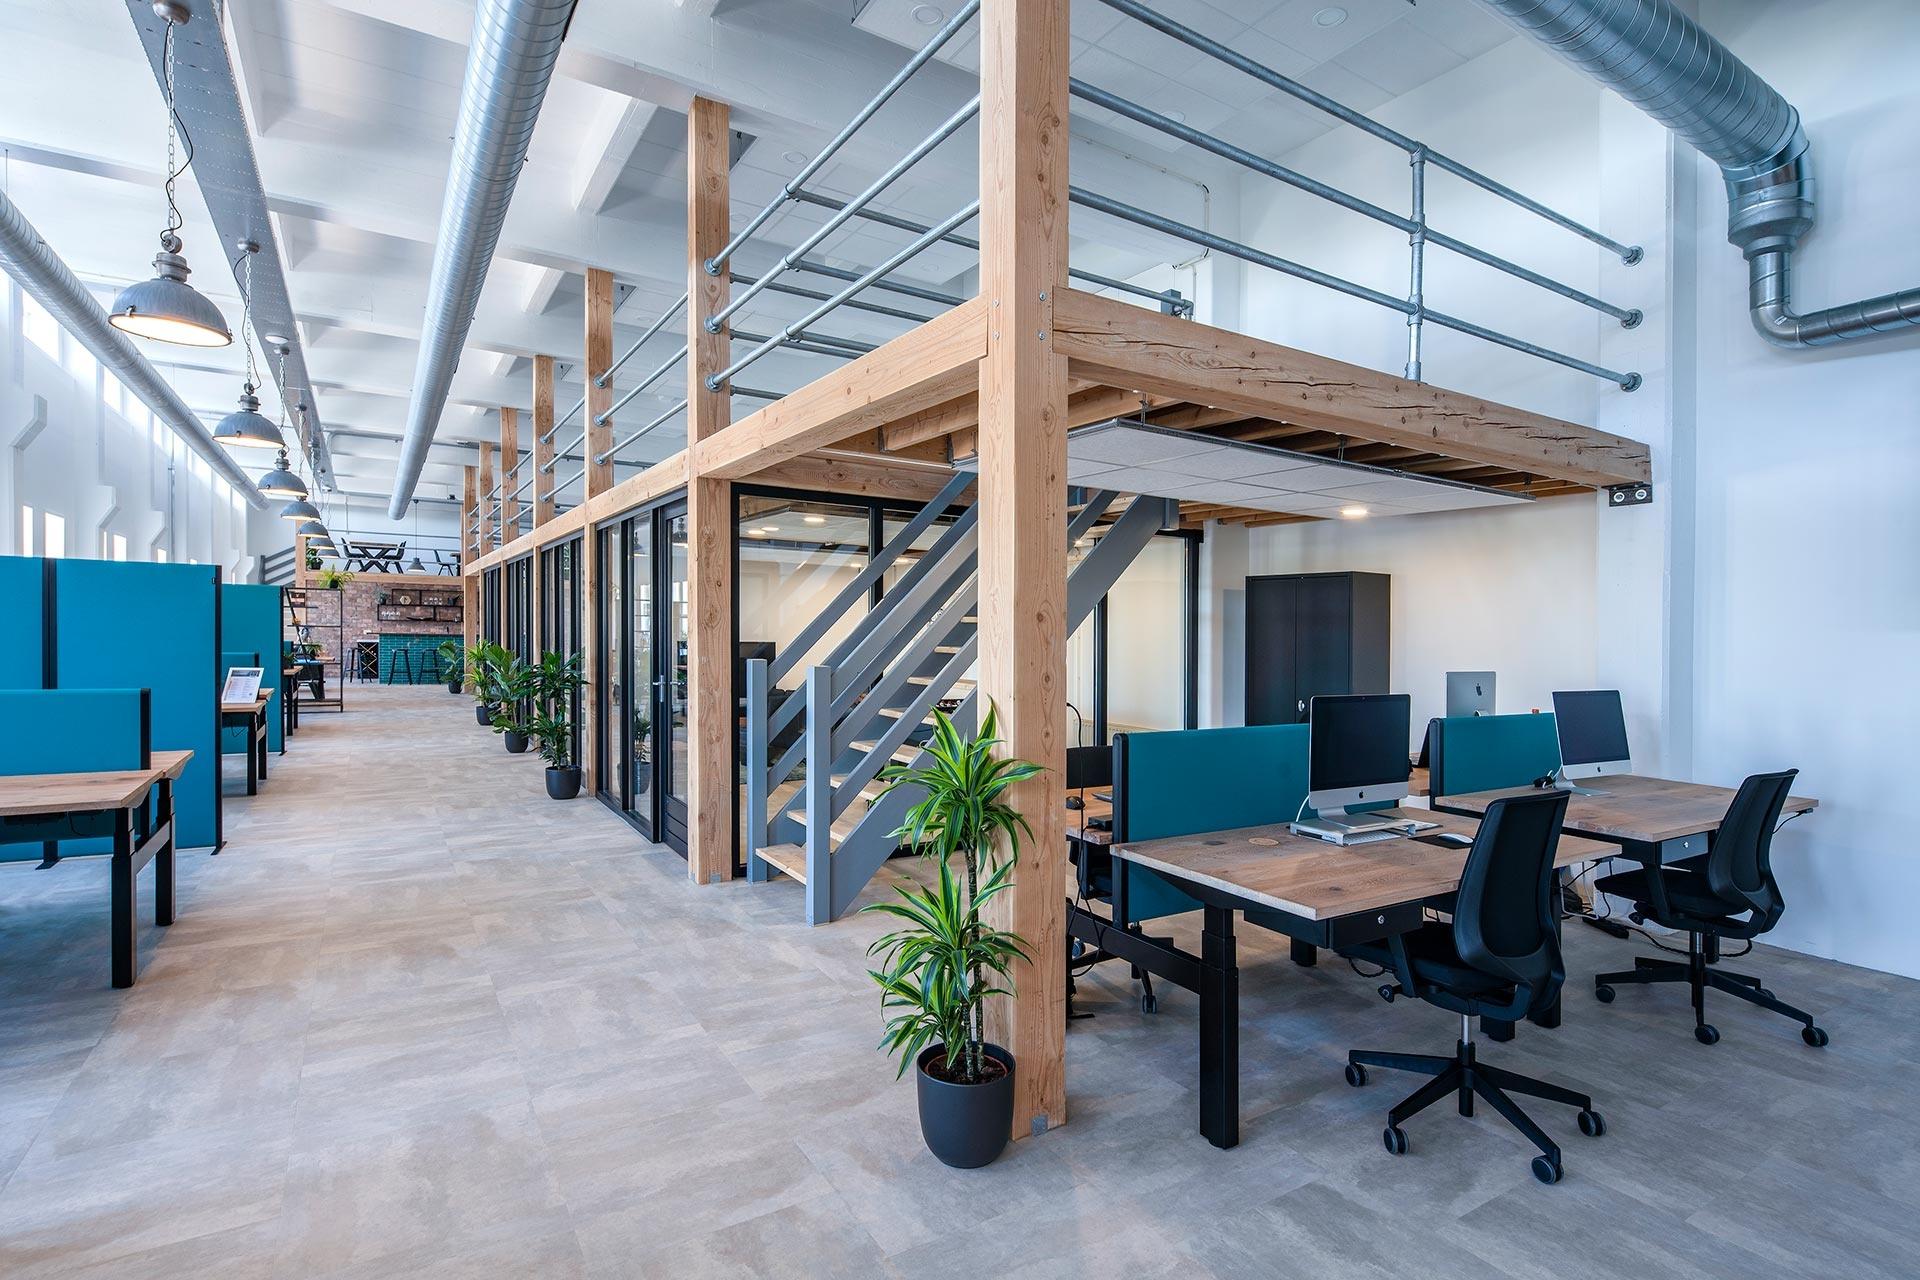 Binnen Yisual kan goed flexibel gewerkt worden door de zit-sta werkplekken die we ingericht hebben.